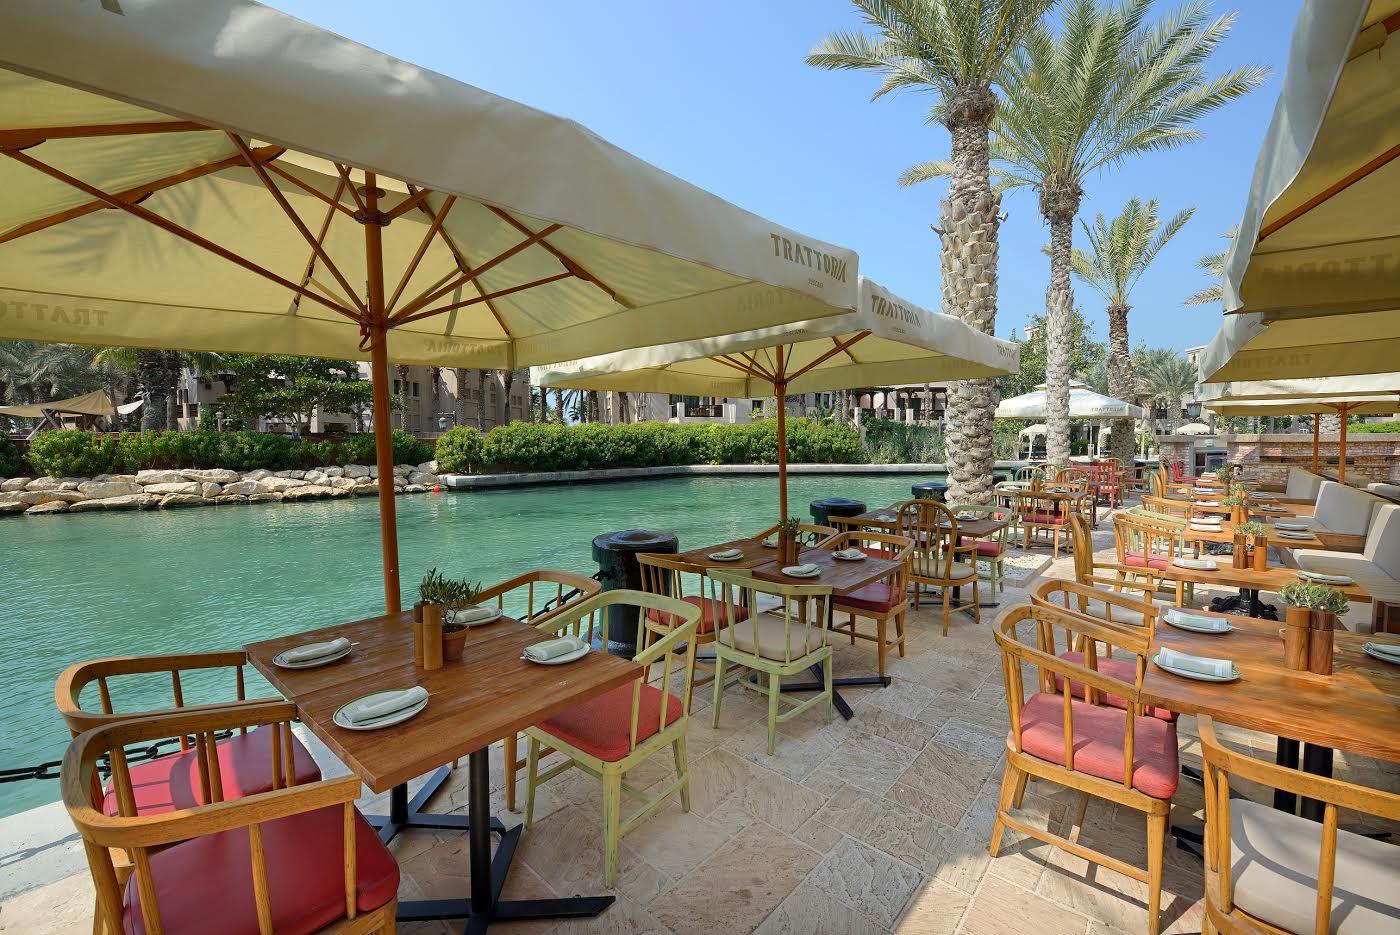 مطعم تراتوريا توسكانا يحتفل بمرور عام على إفتتاحه